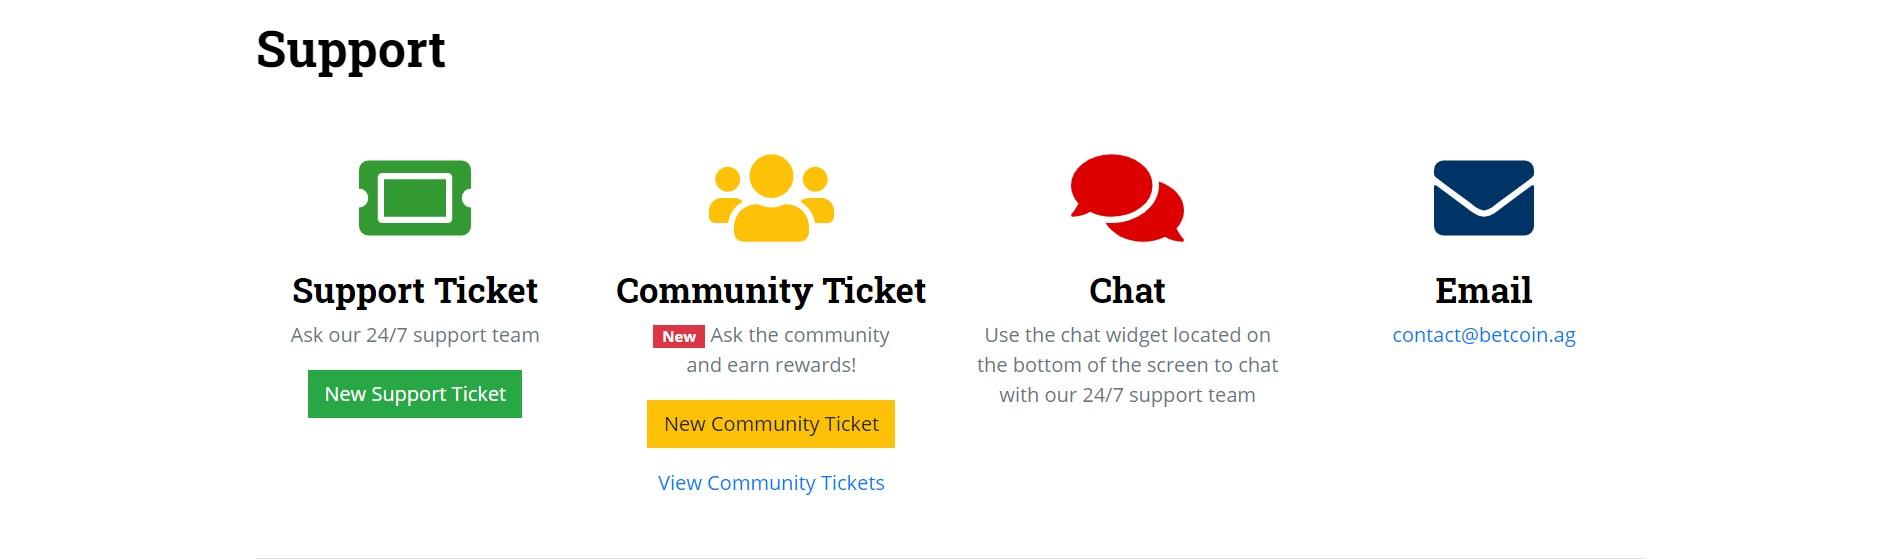 betcoinag customer support page screenshot